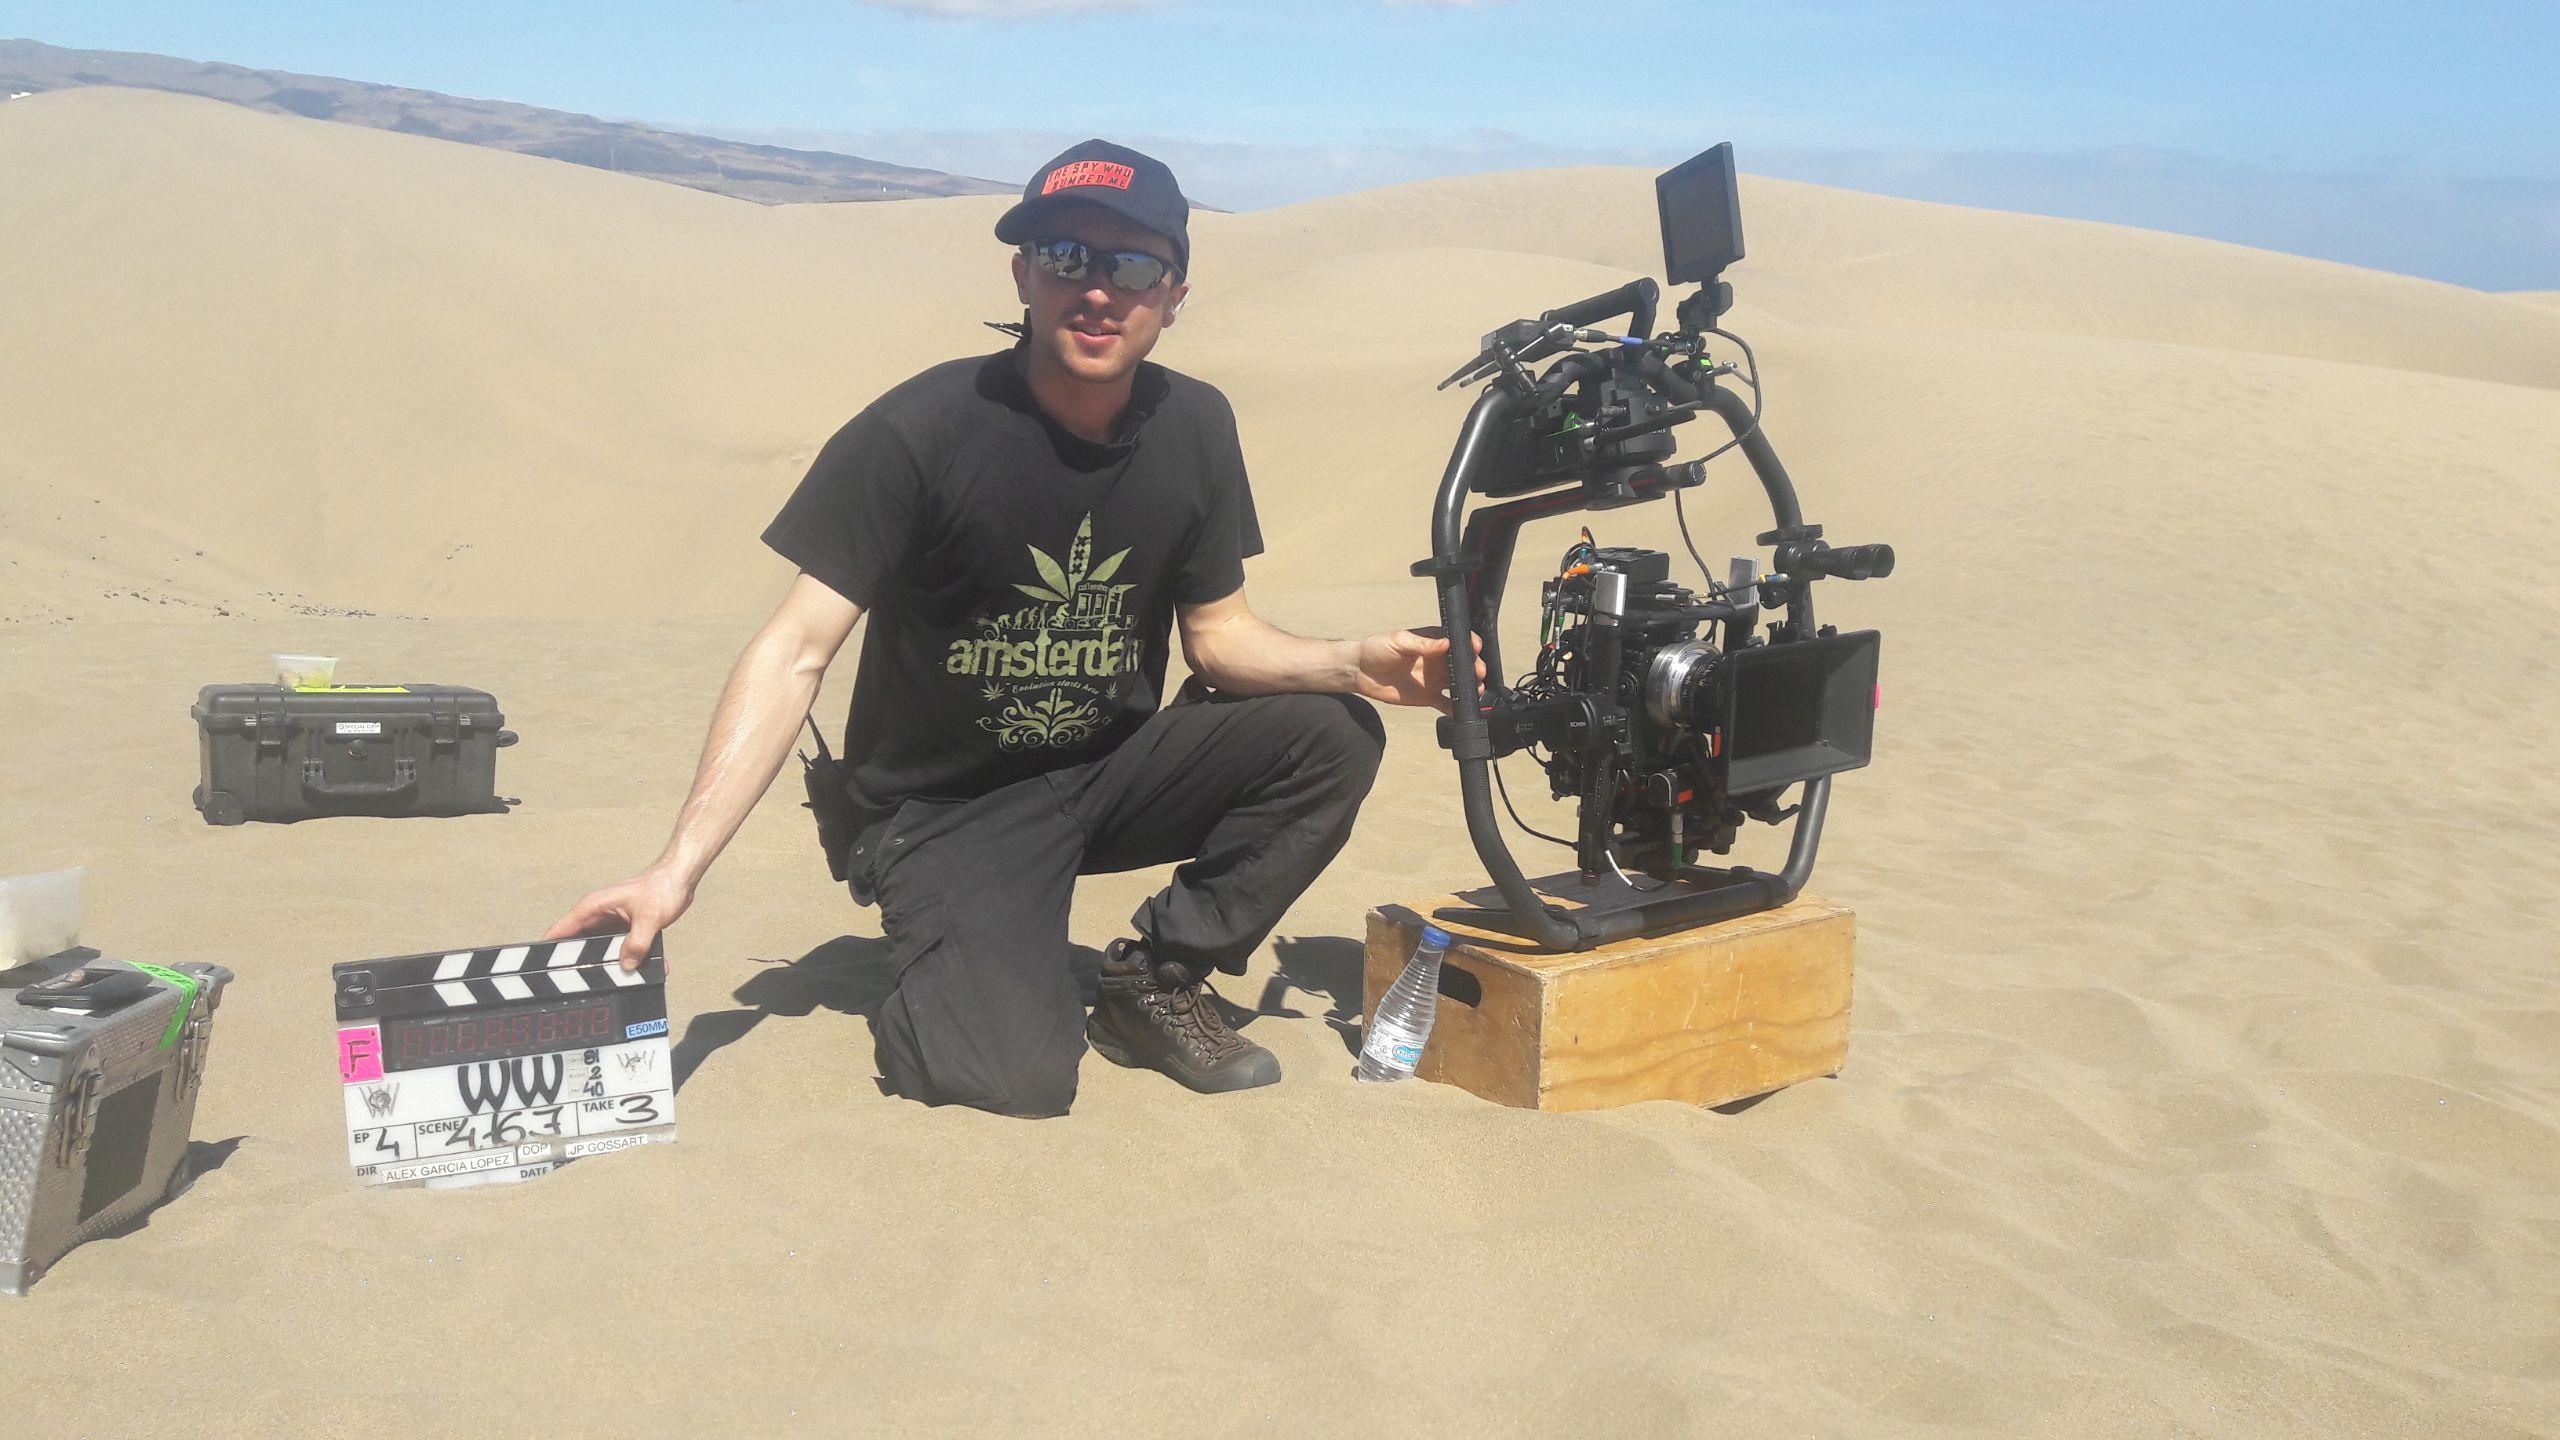 Intervju: Boris Kopilović, tehničar gimbala – Kako sam ušao u filmsku industriju